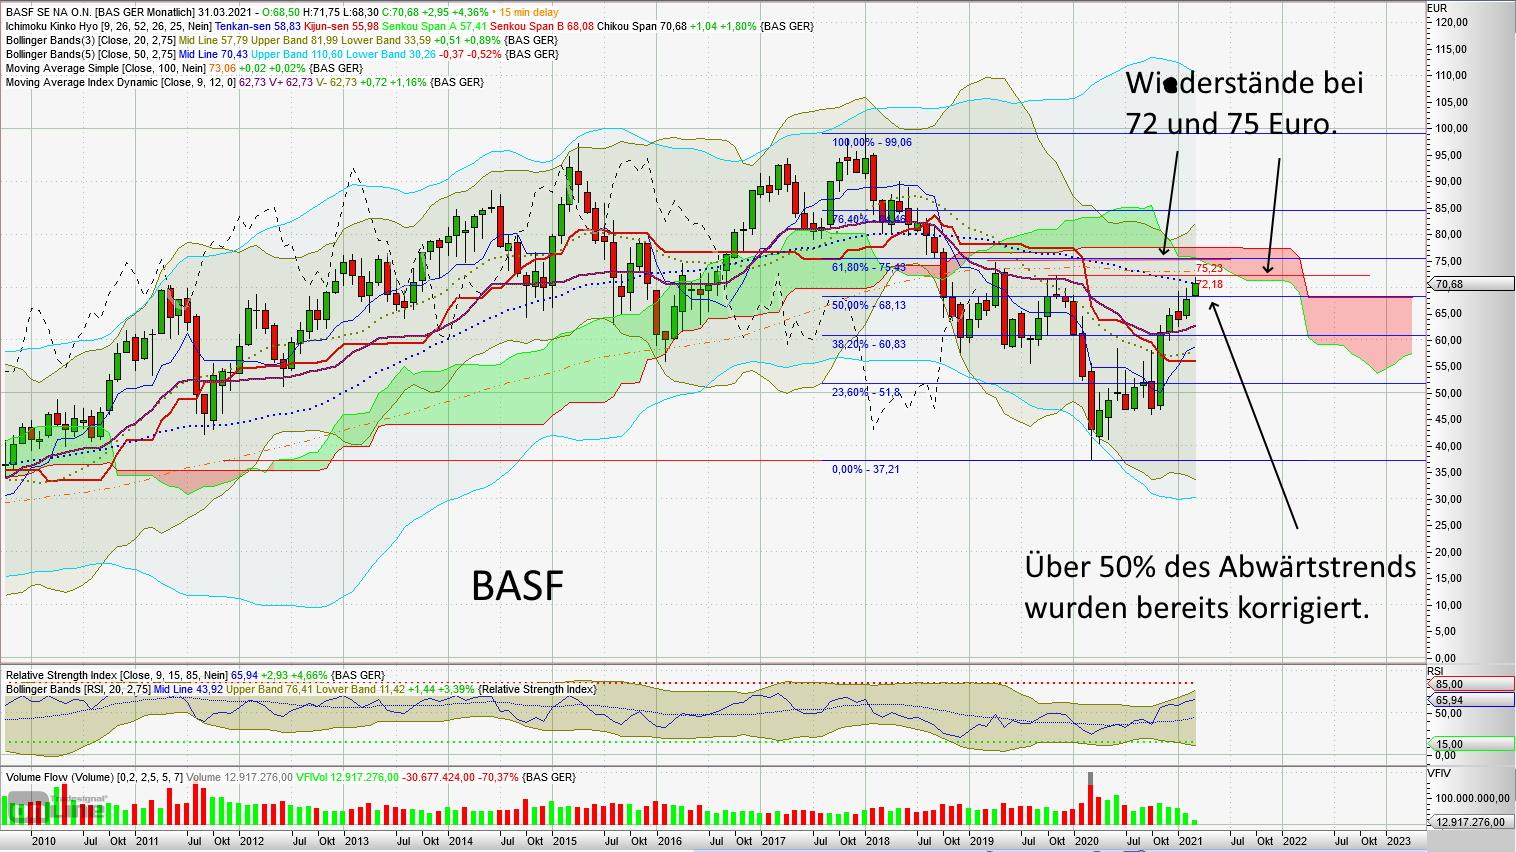 Mehrere deutsche Aktien stehen vor wichtigen Entscheidungen - BASF